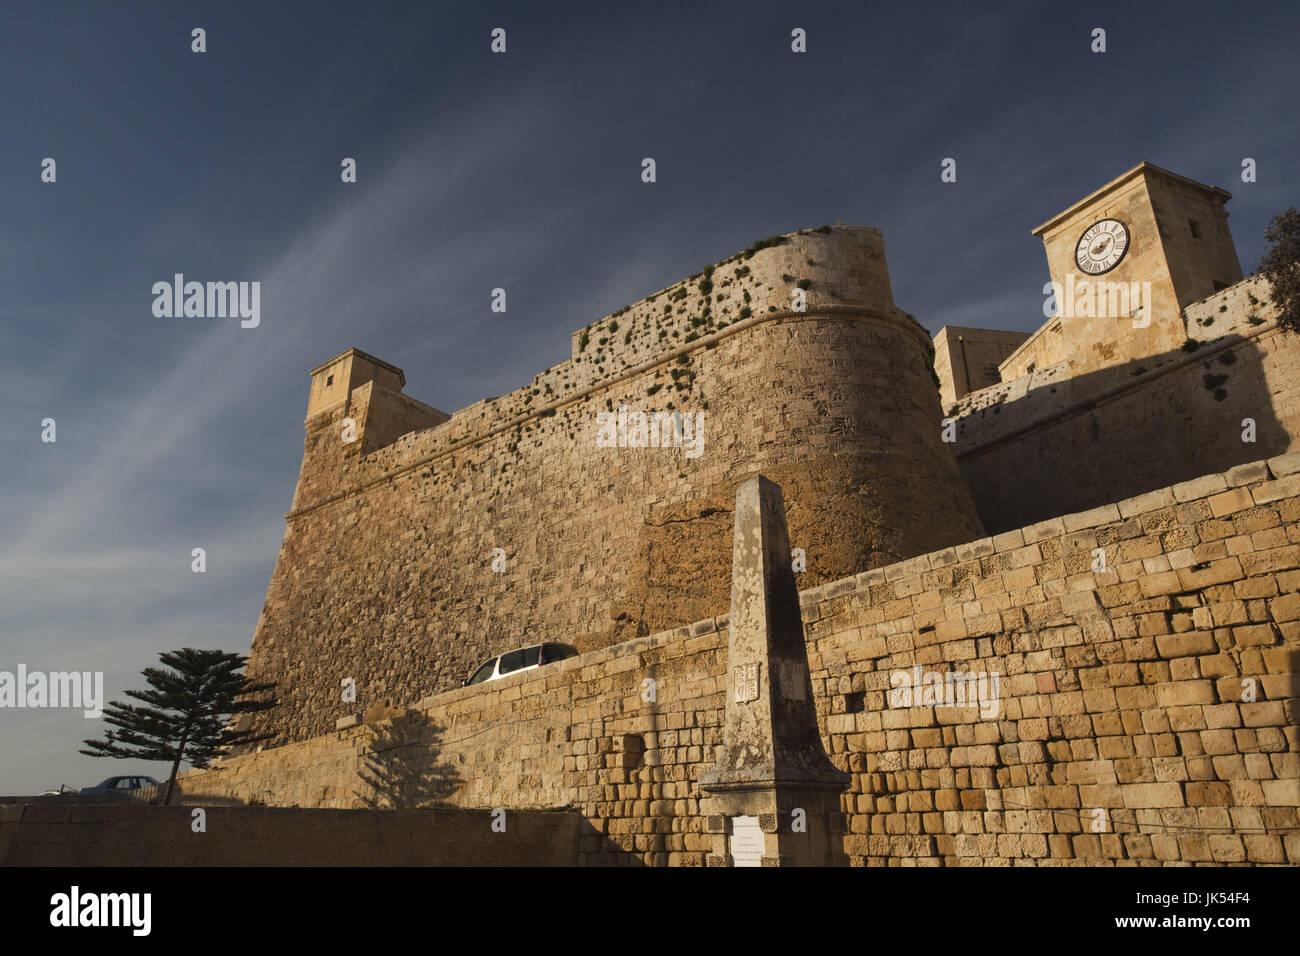 Malta, Insel Gozo, Victoria-Rabat, Il-Kastell Festung, außen Stockbild